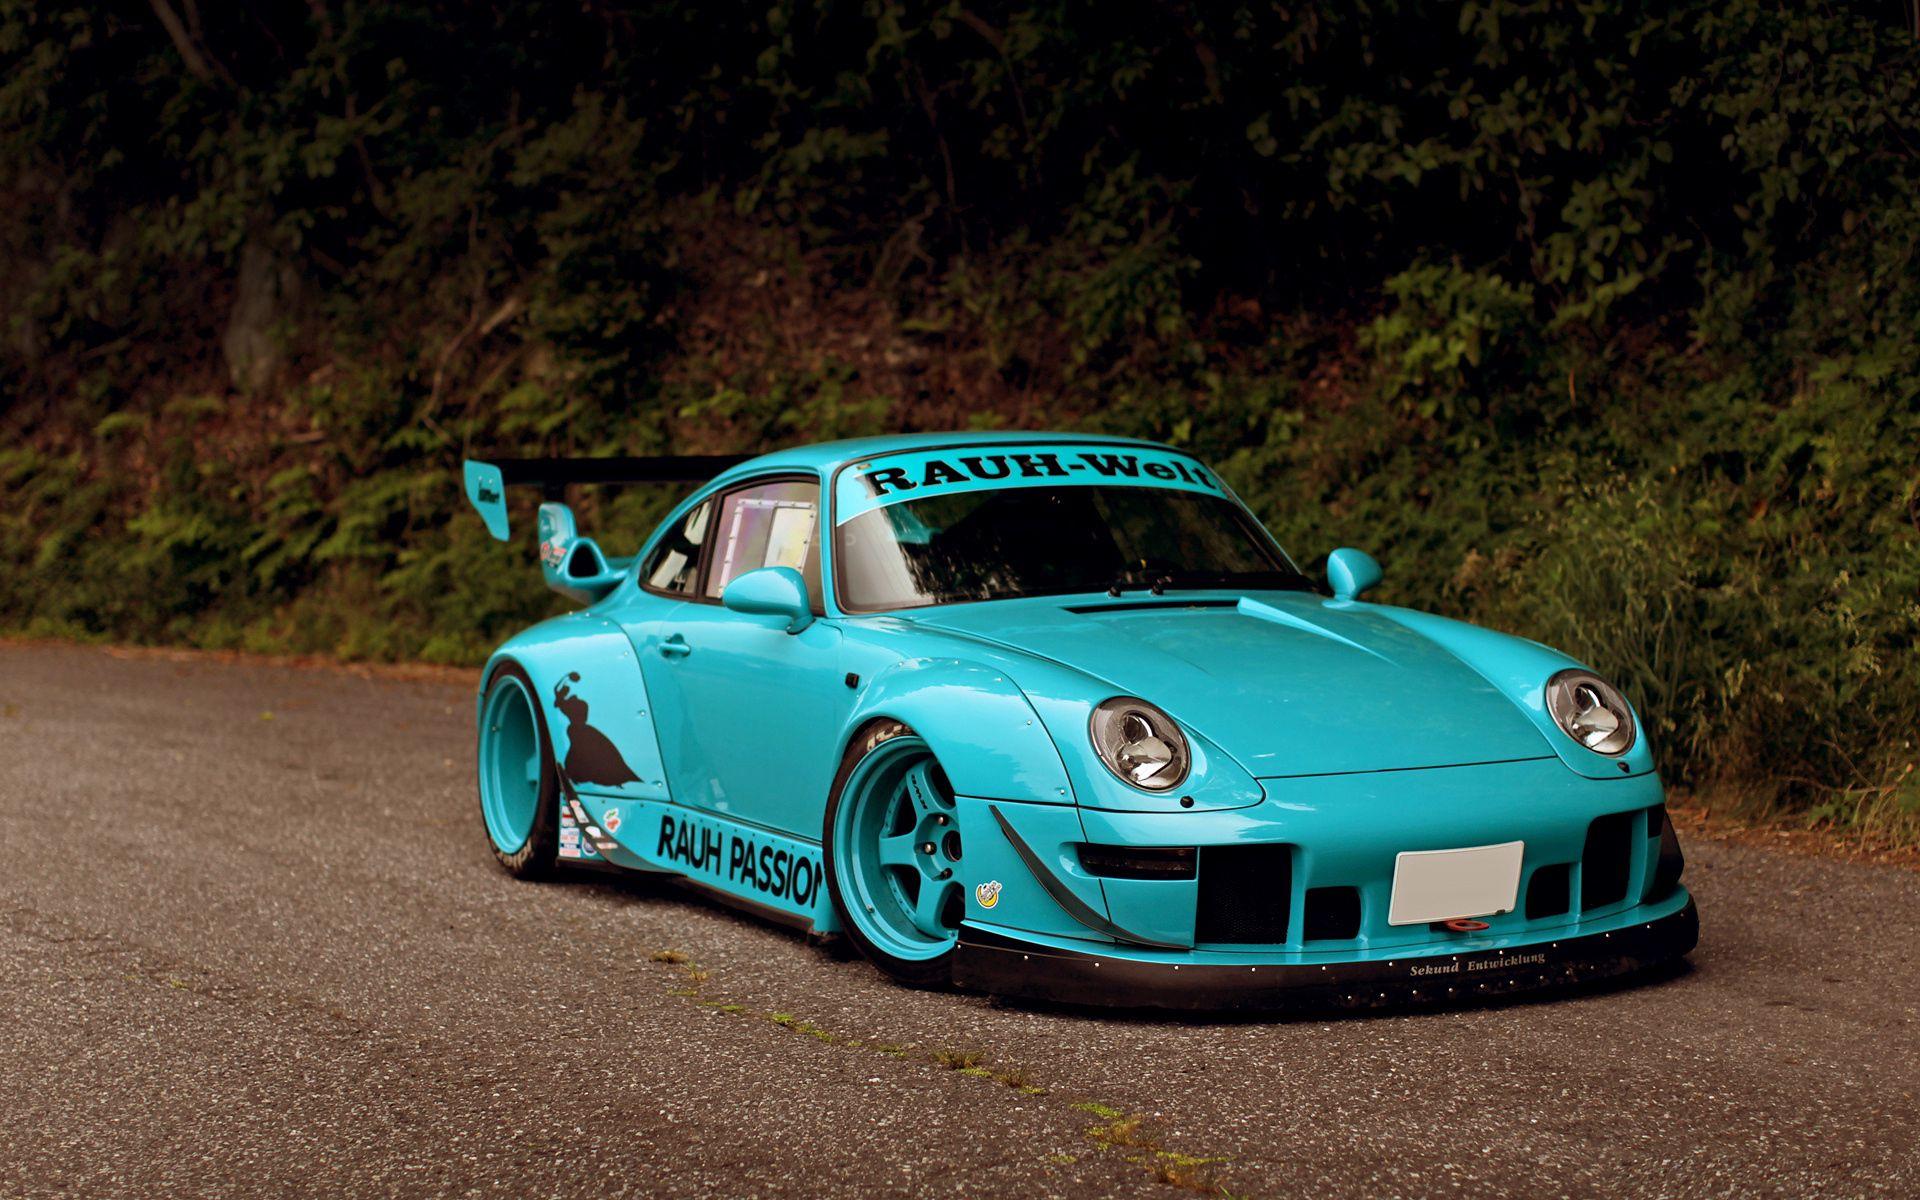 71032 Заставки и Обои Тюнинг на телефон. Скачать Тюнинг, Тачки (Cars), Porsche 911, Carrera, Порше, Rauh картинки бесплатно